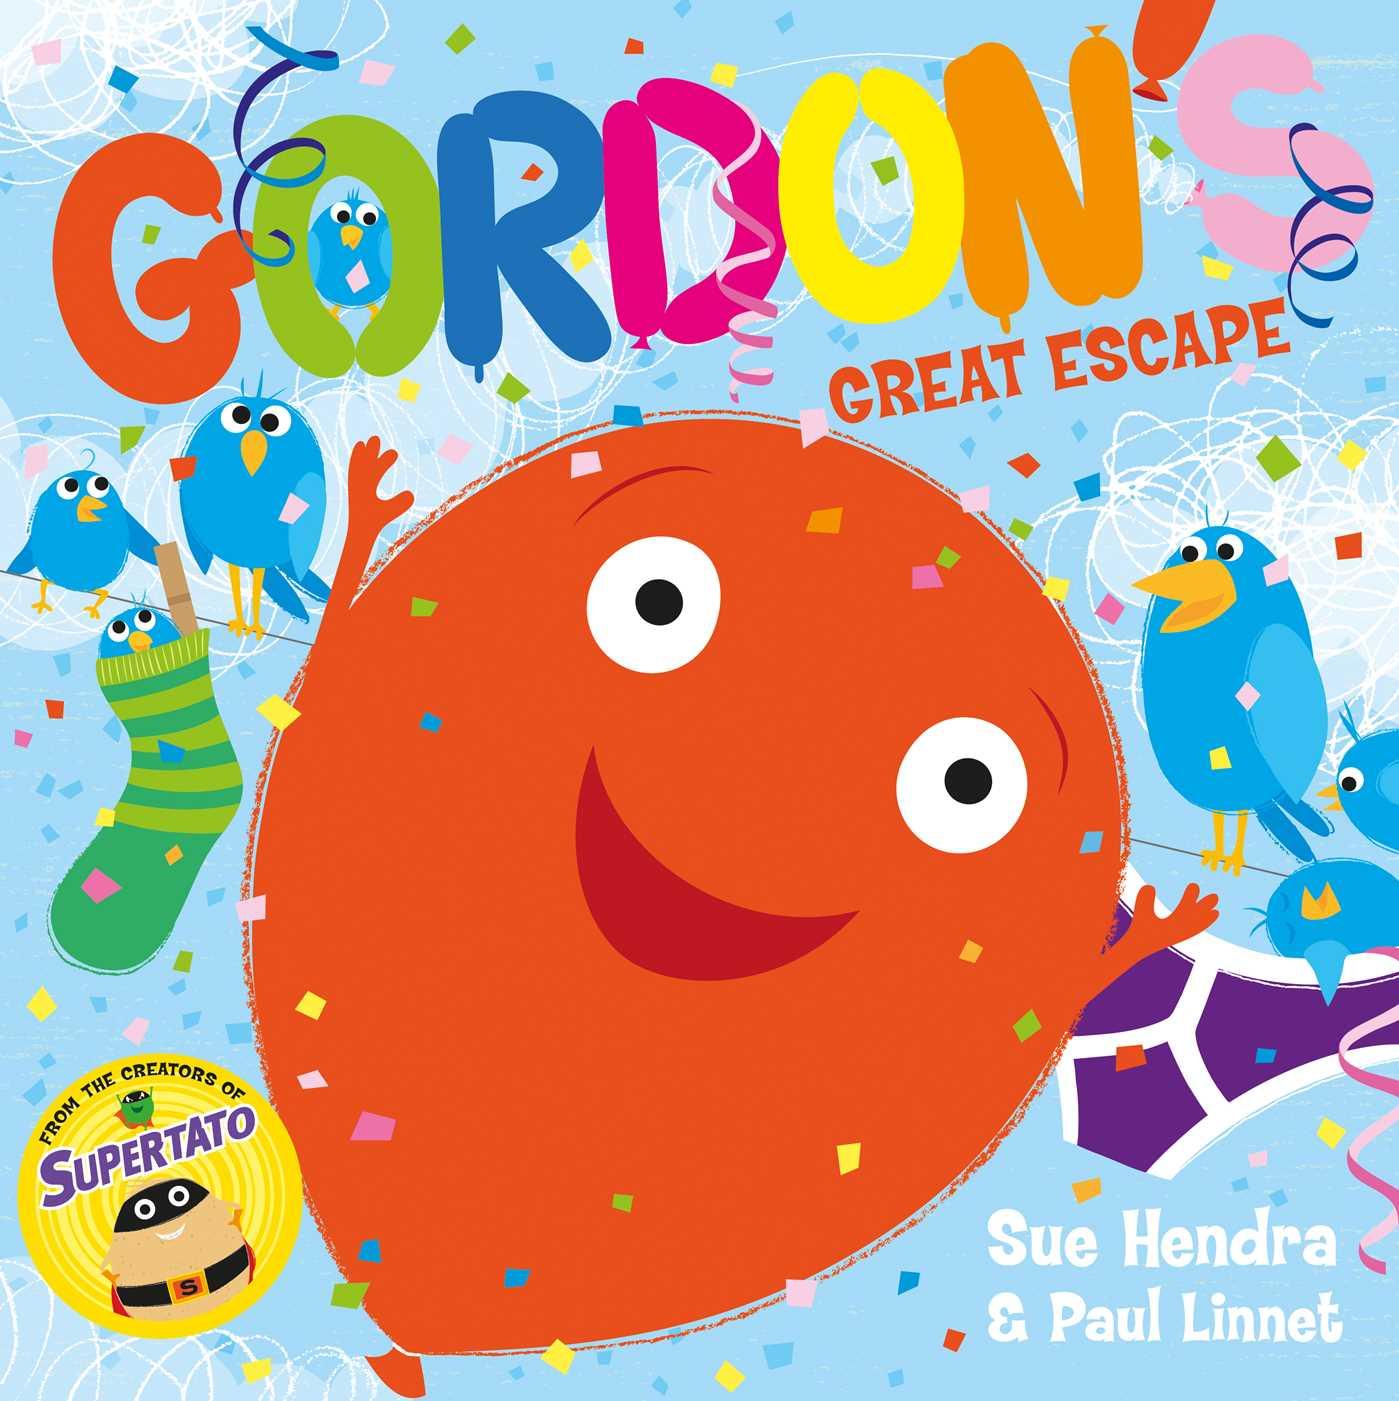 Gordons great escape 9781471143632 hr